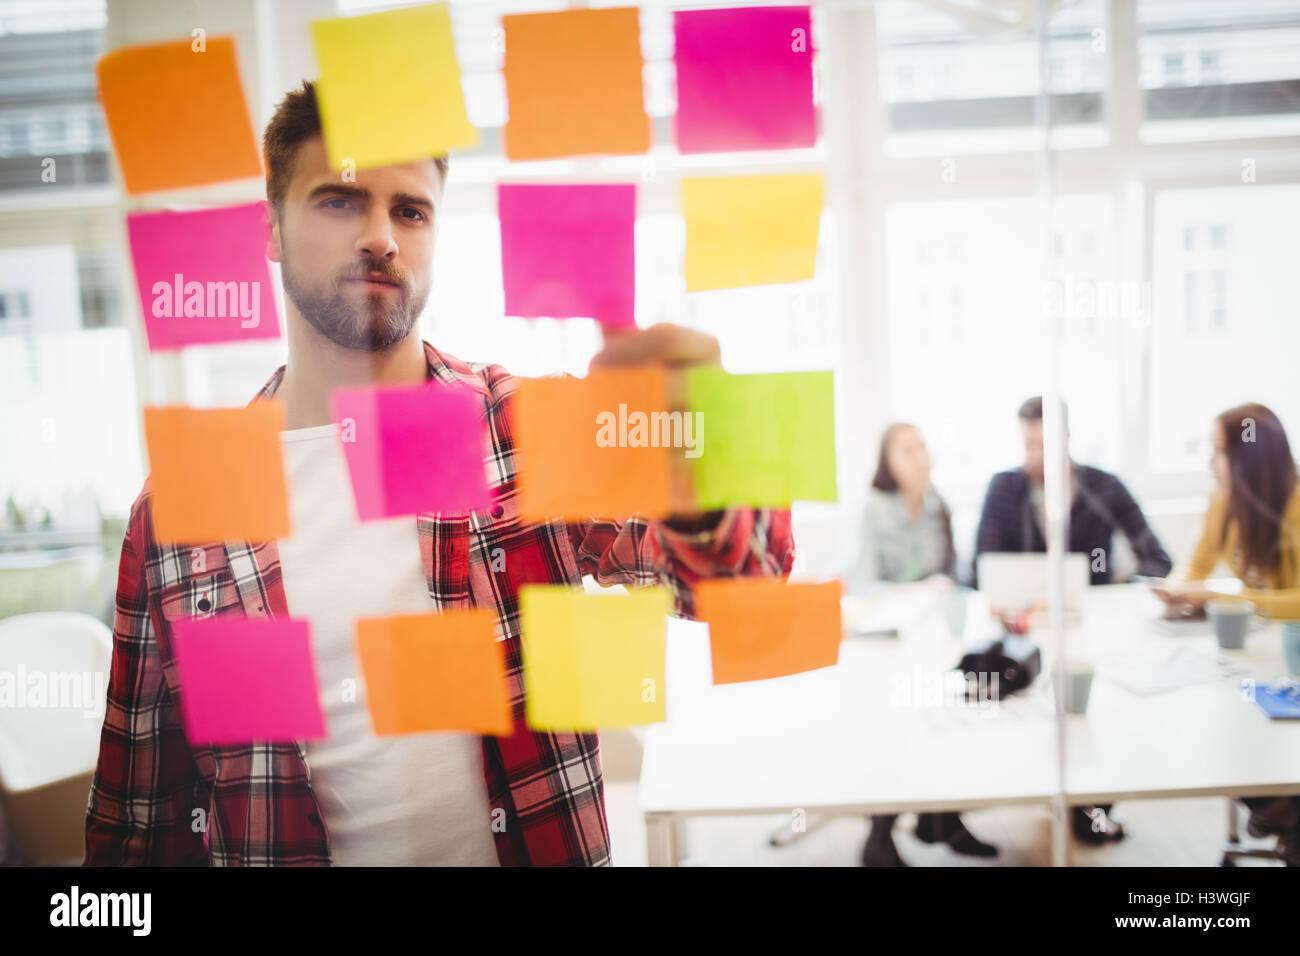 Editor foto guardando colorato sticky notes su vetro Immagini Stock